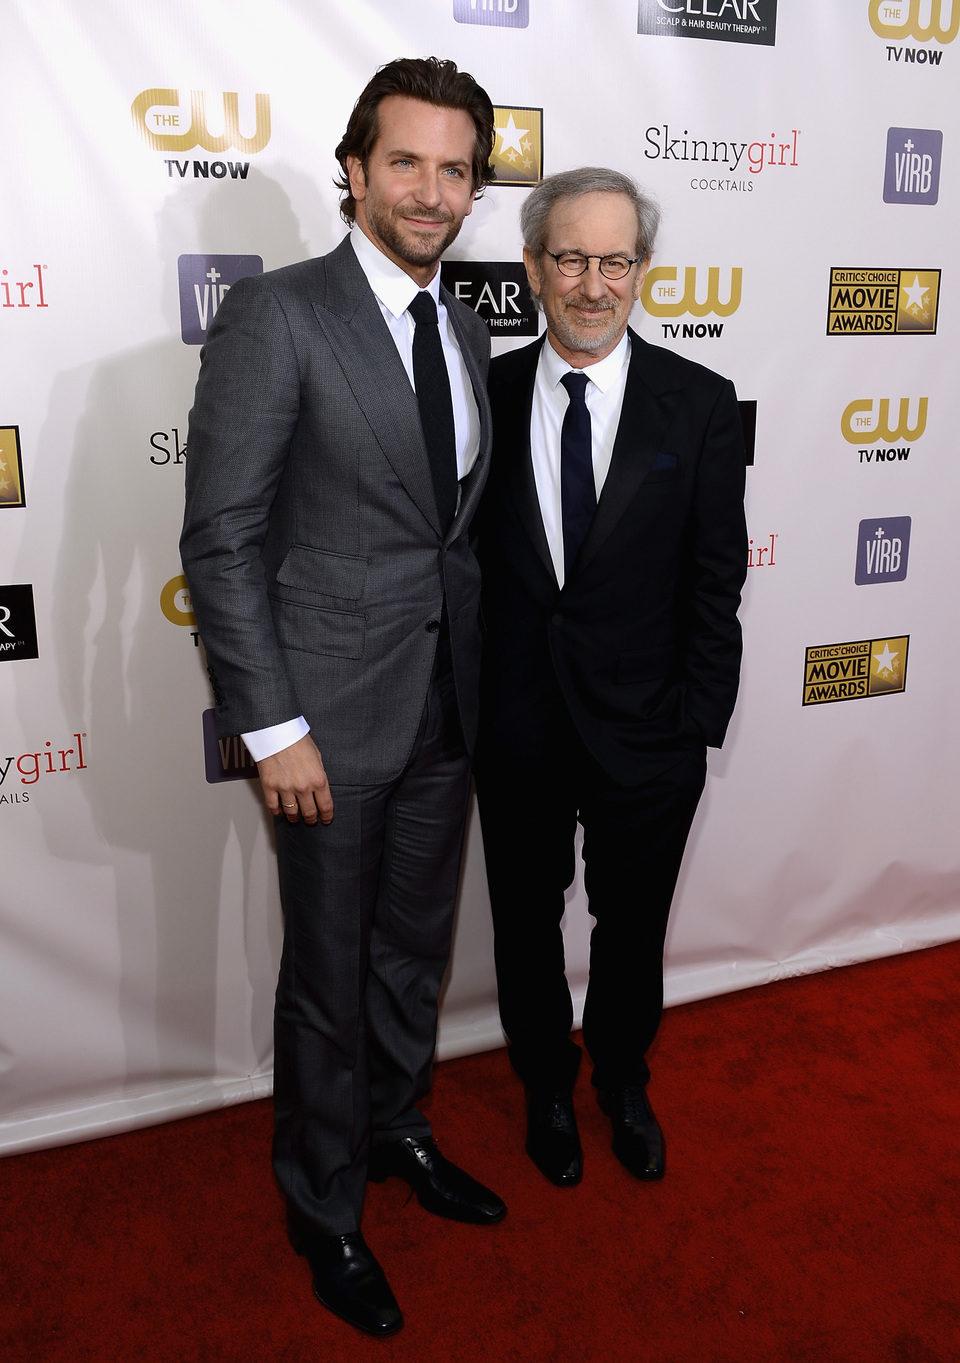 Bradley Cooper y Steven Spielberg en la gala de los Critics' Choice Movie Awards 2013